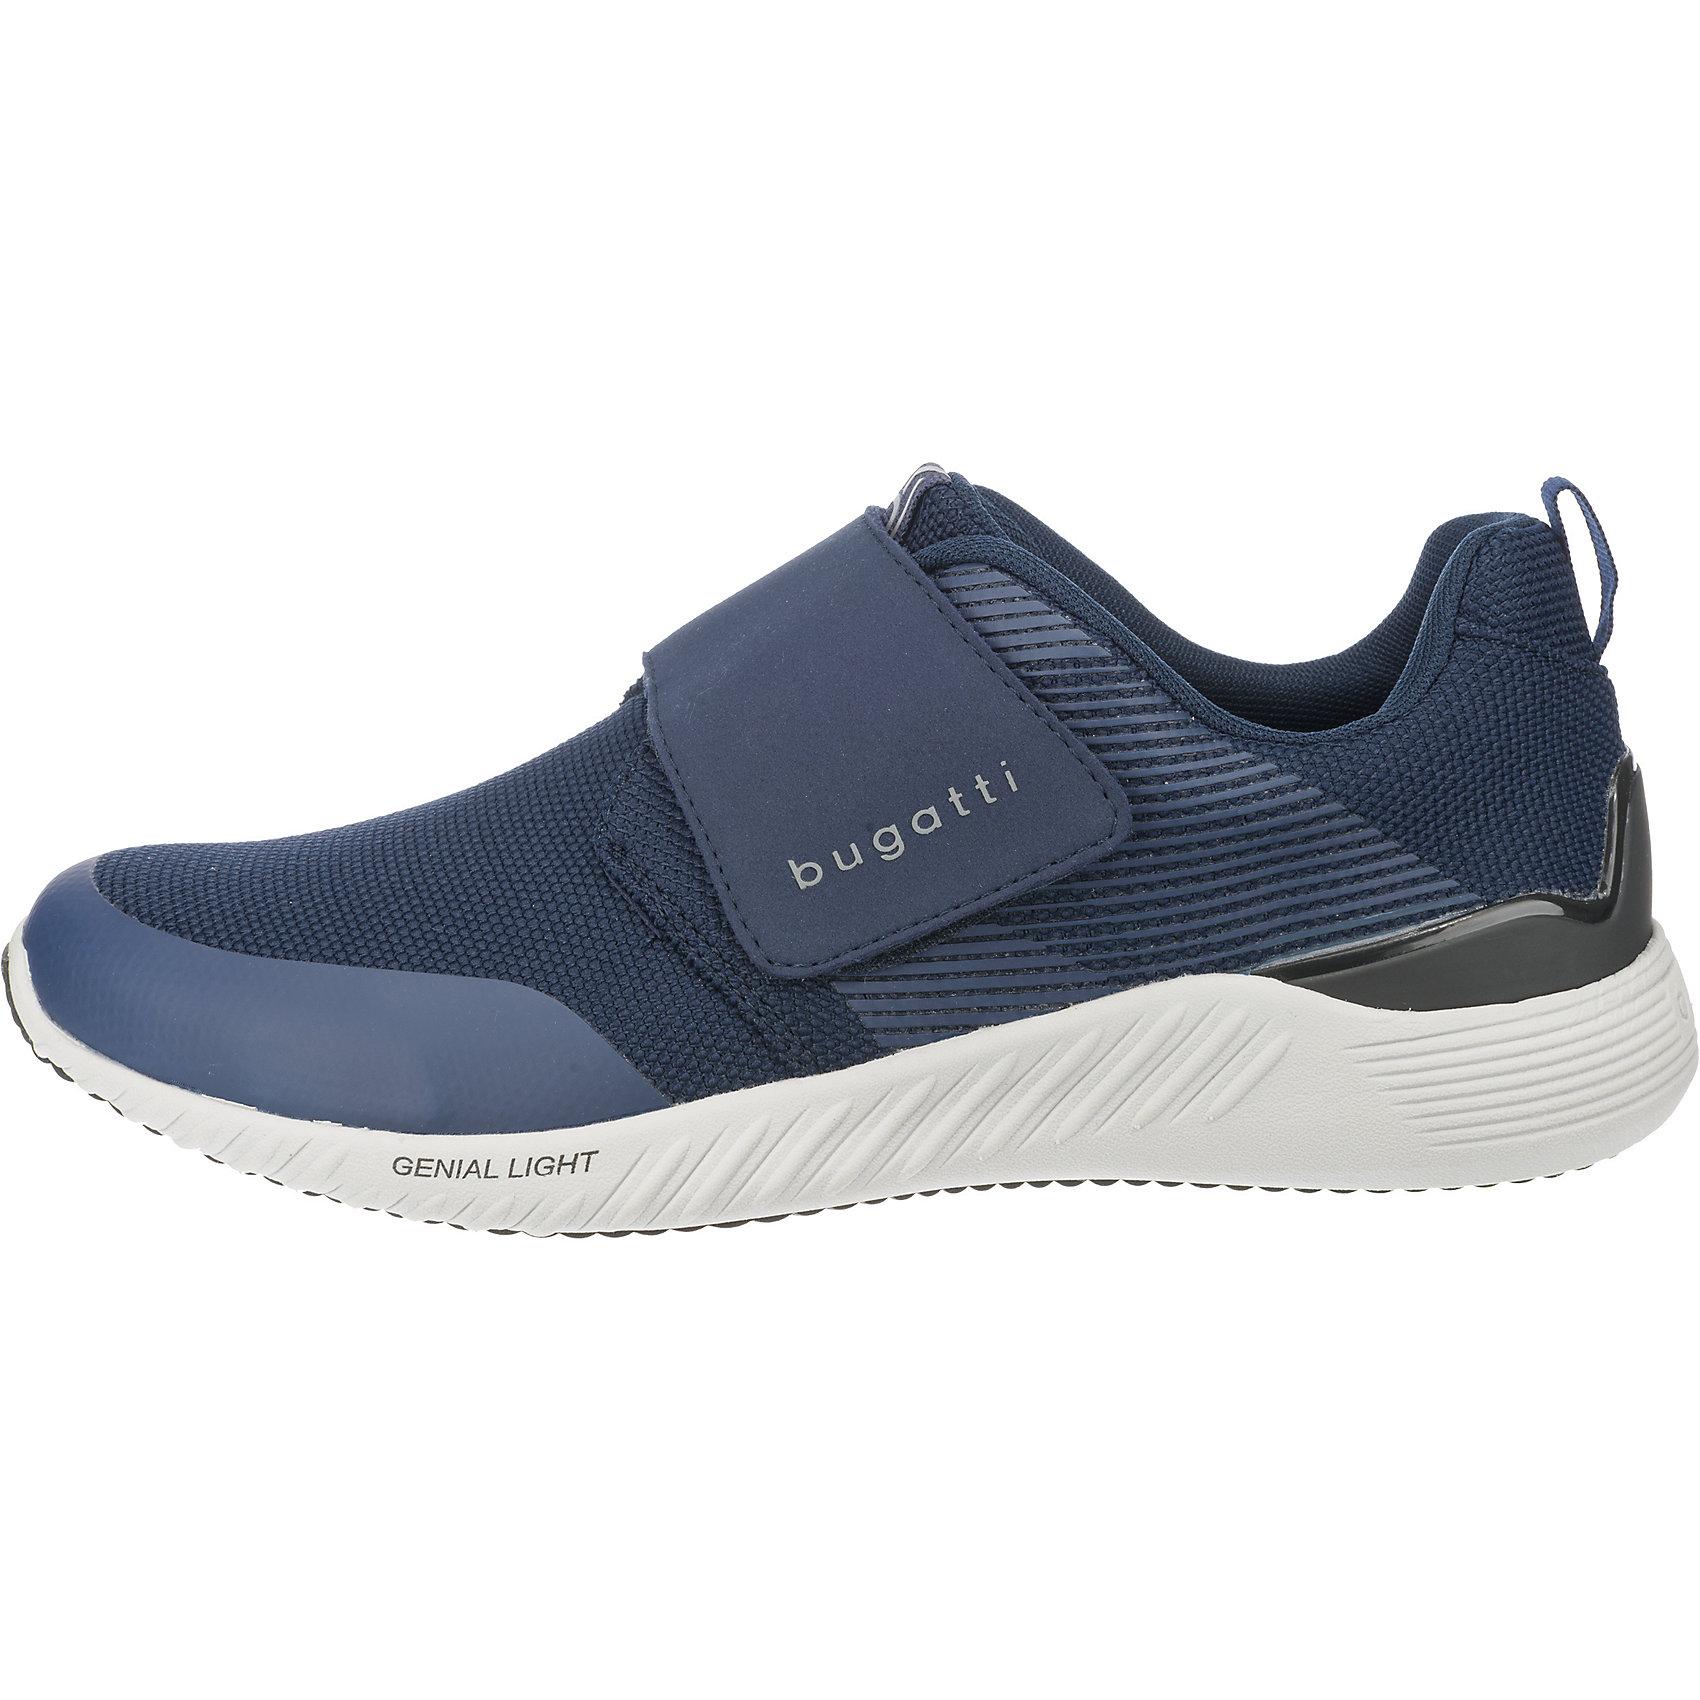 ... Neu Sneakers bugatti Sneakers Neu 7029336 für Herren dunkelblau 4b3376  ... ca0c6cc258